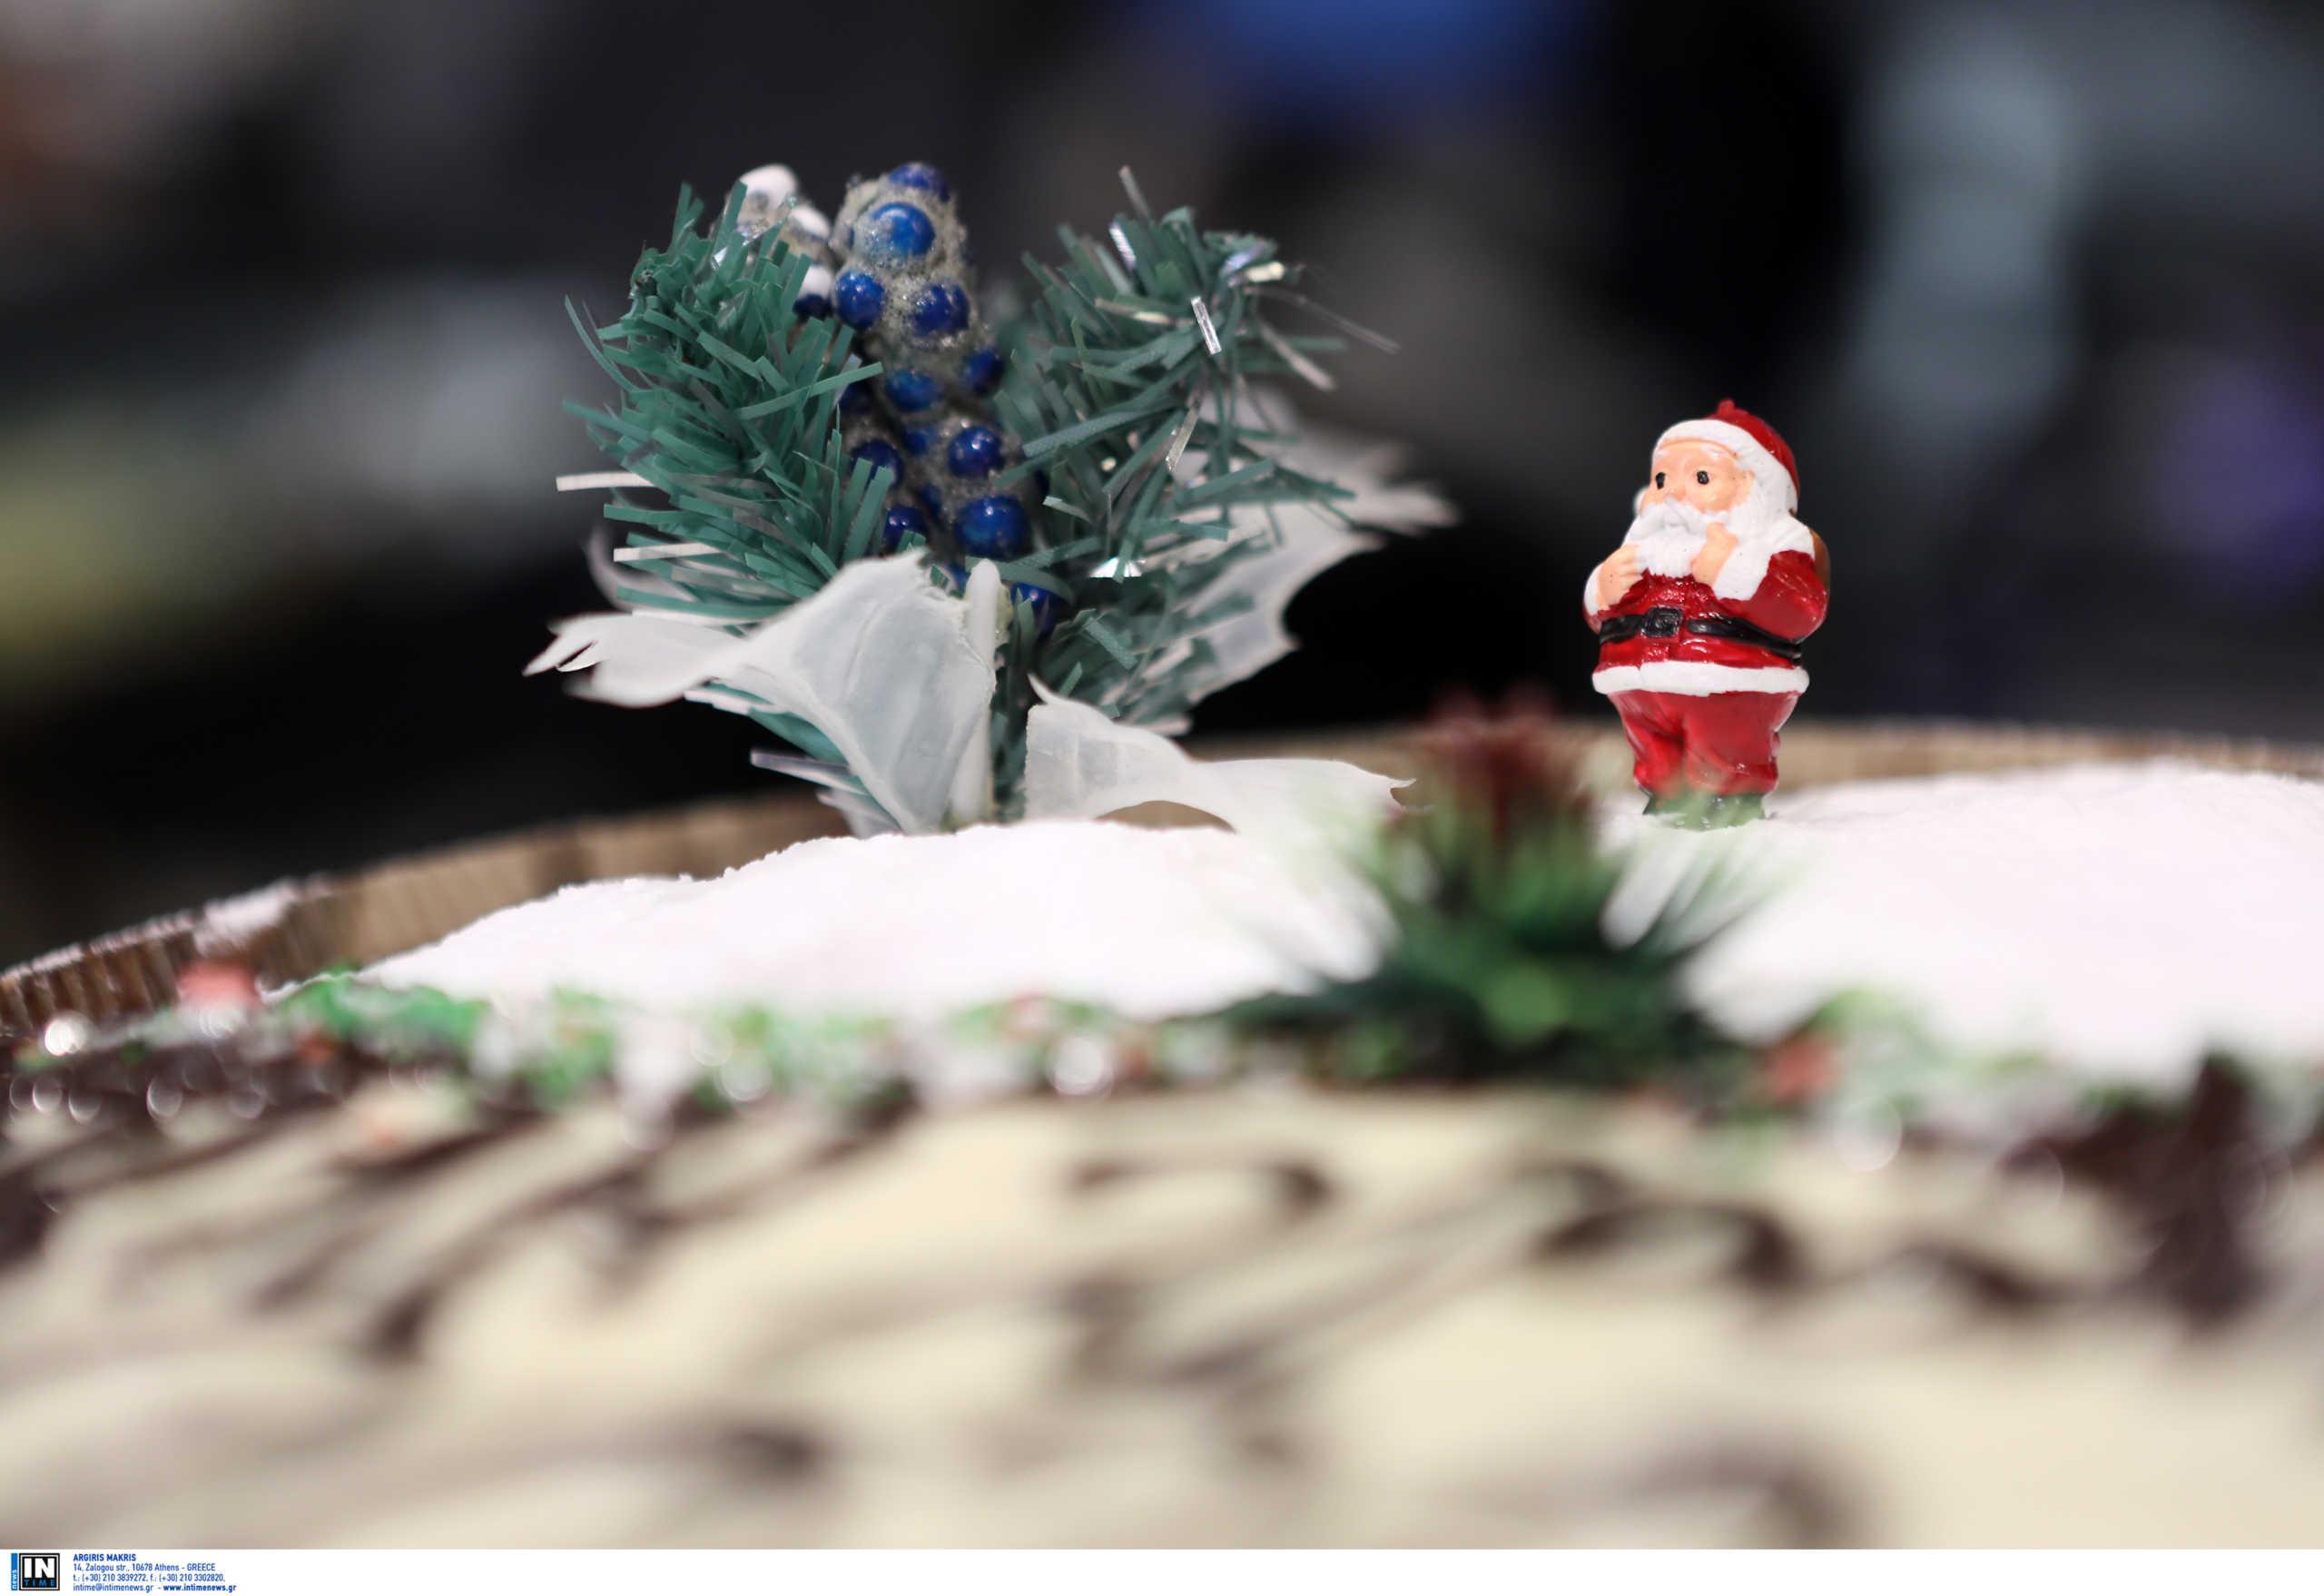 Χριστούγεννα… με λίγους! Πώς και πότε θα γίνονται οι έλεγχοι της αστυνομίας σε σπίτια